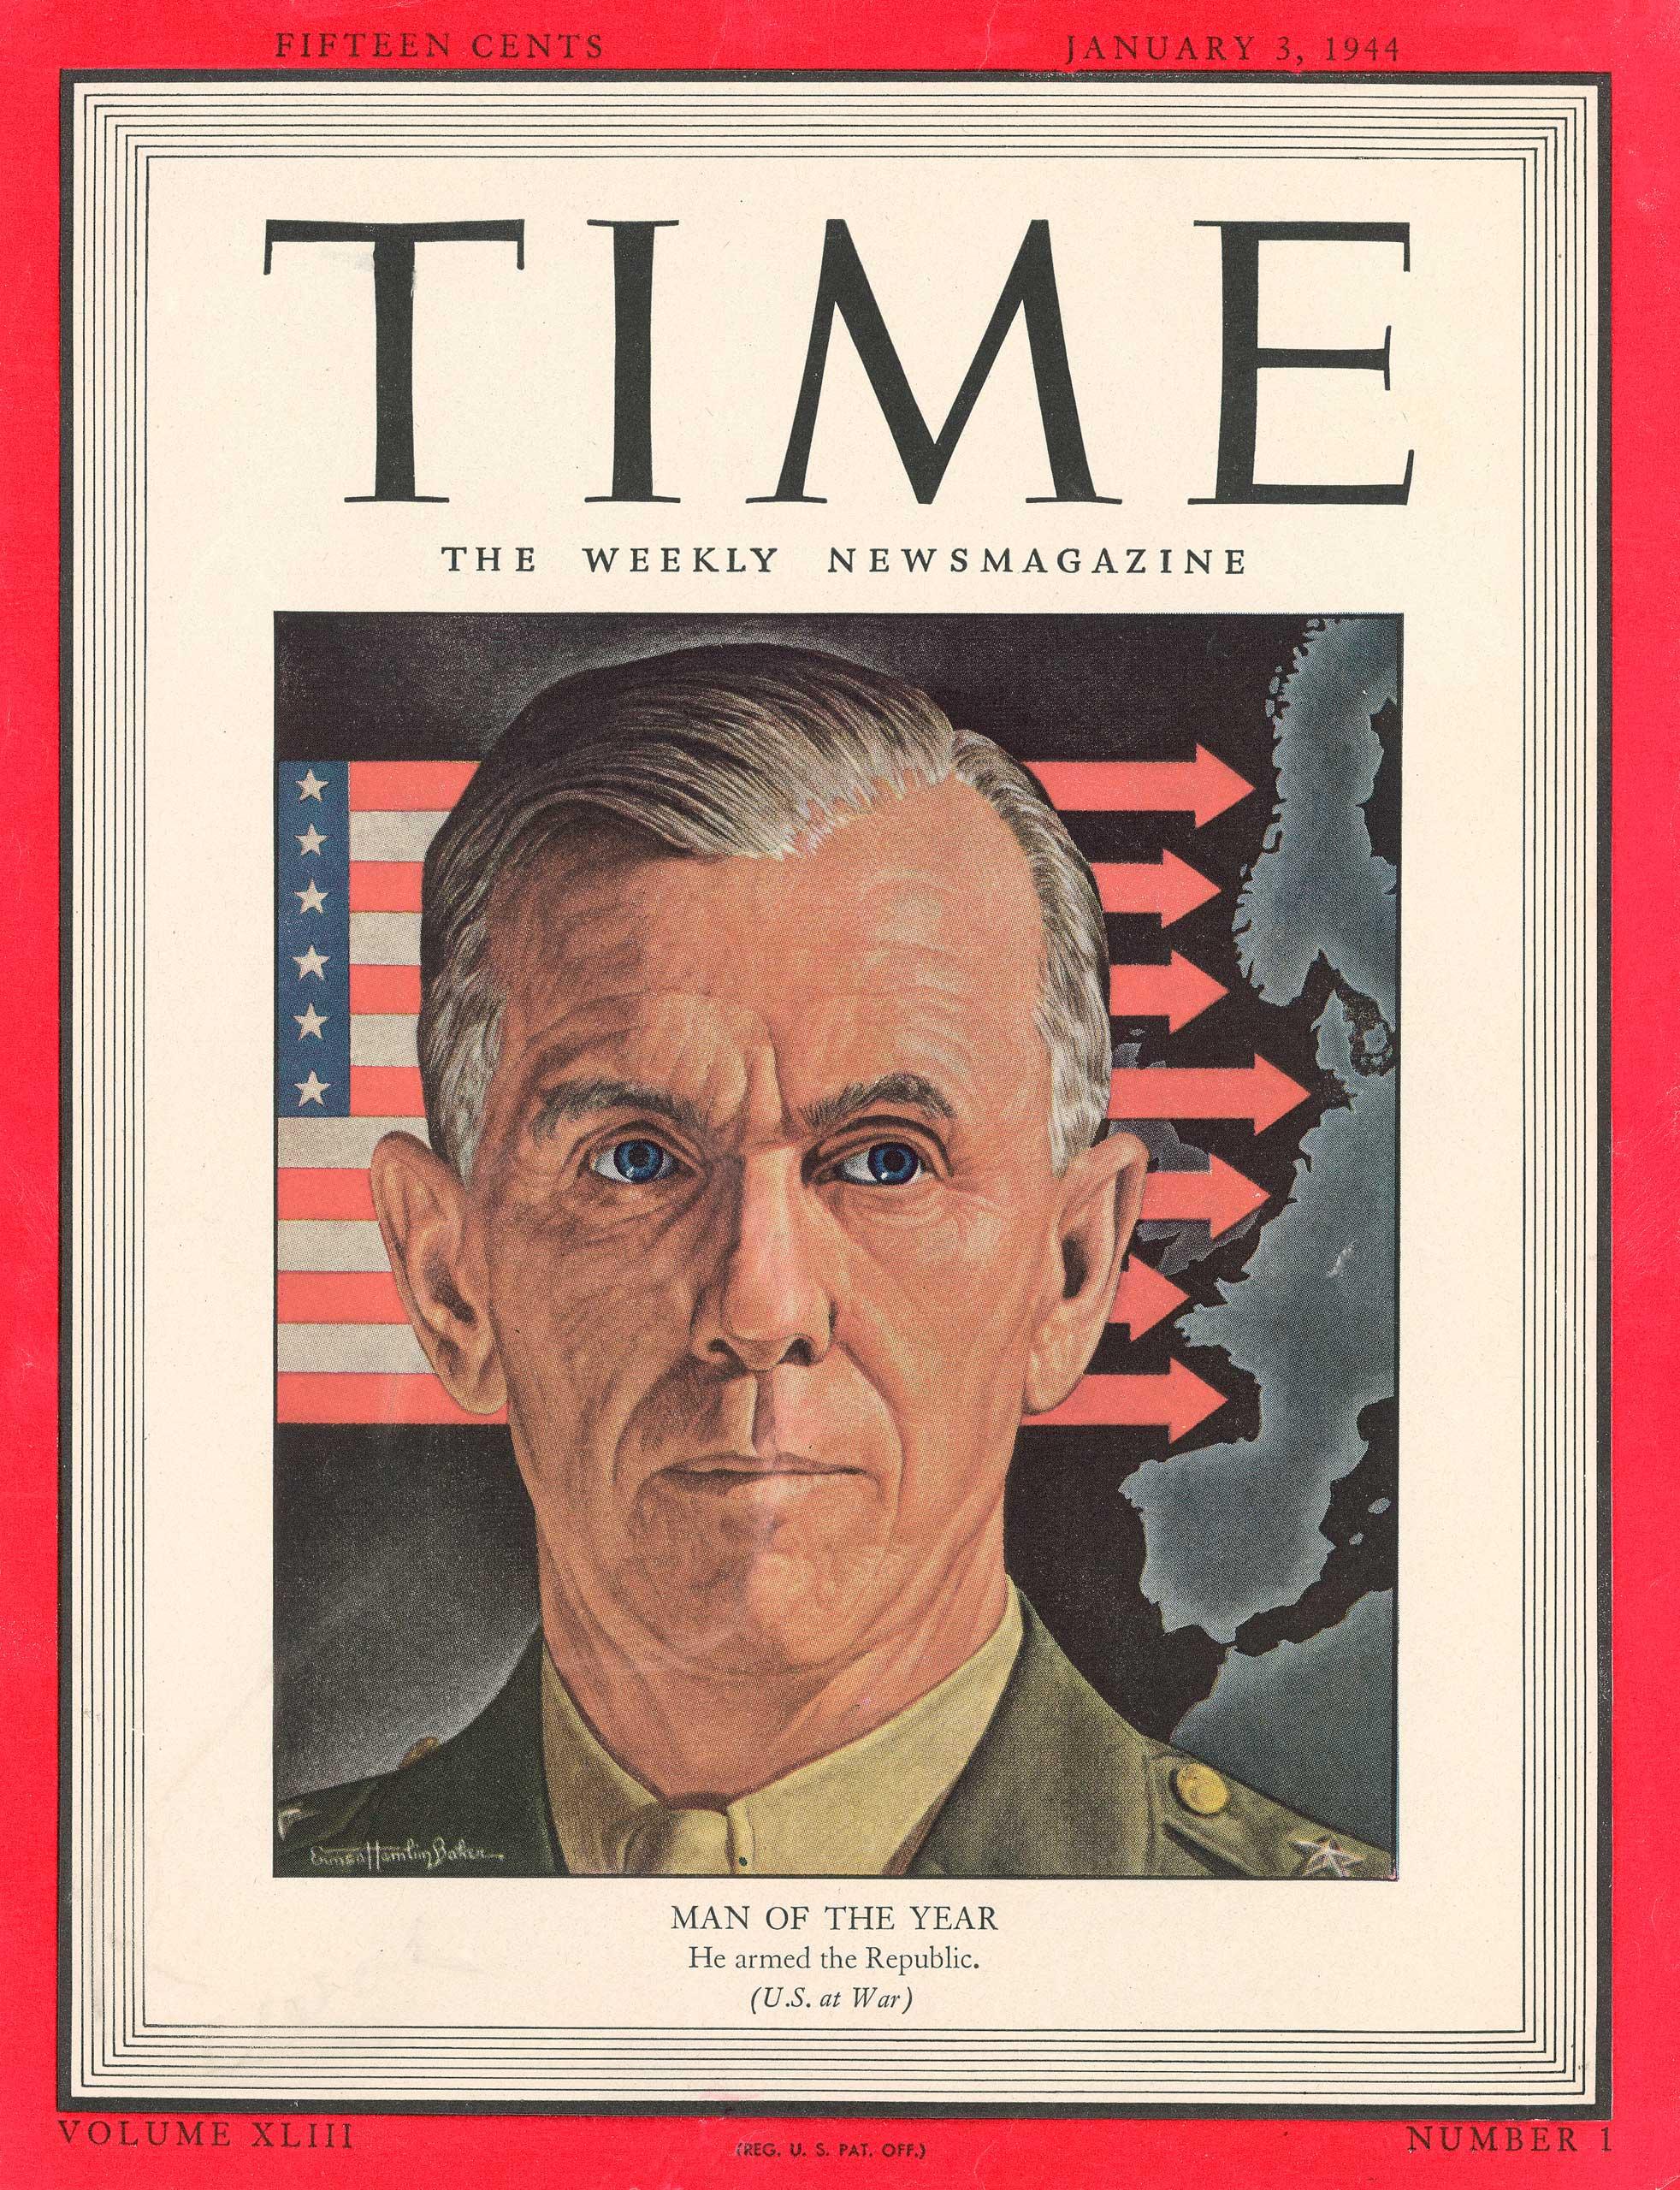 1943: George Marshall